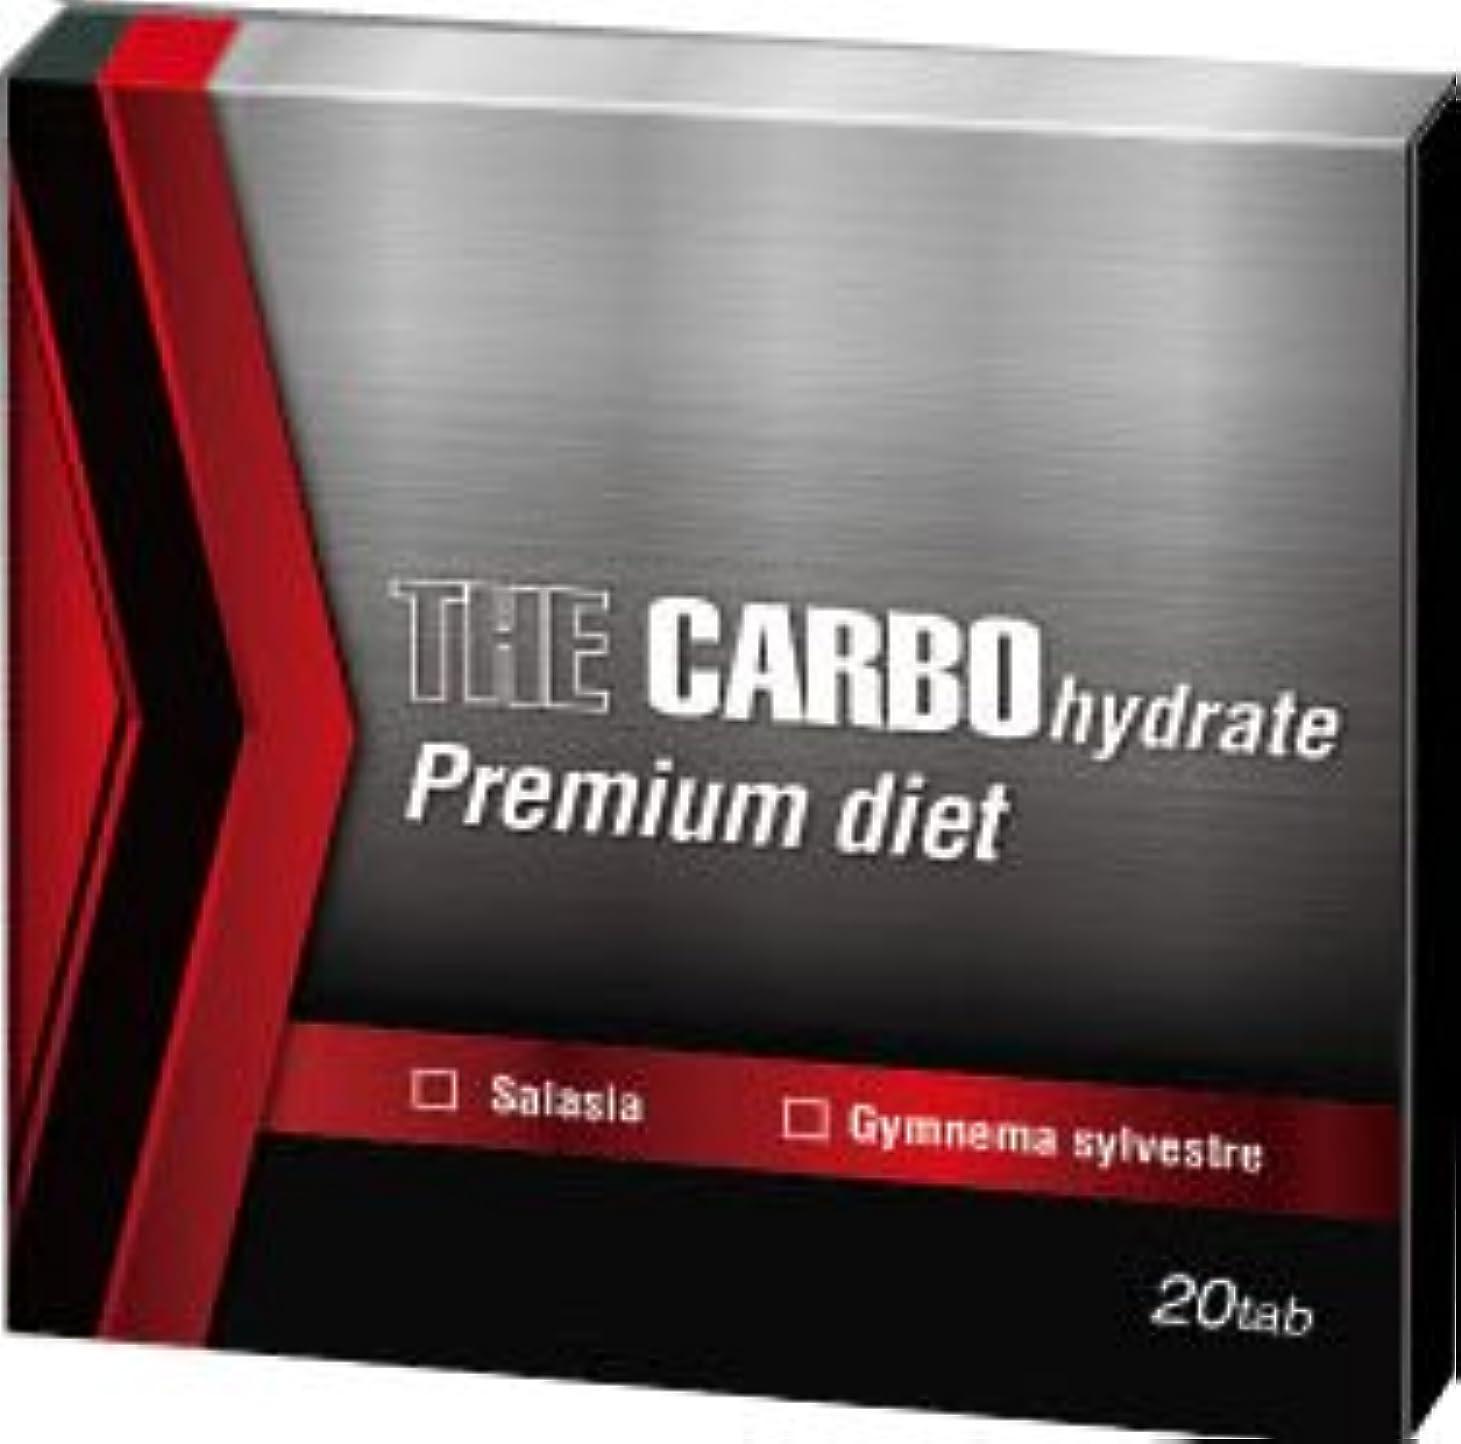 爆風羊マイナーザ?糖質プレミアムダイエット20Tab〔THE CARBO hydrate Premium daiet〕